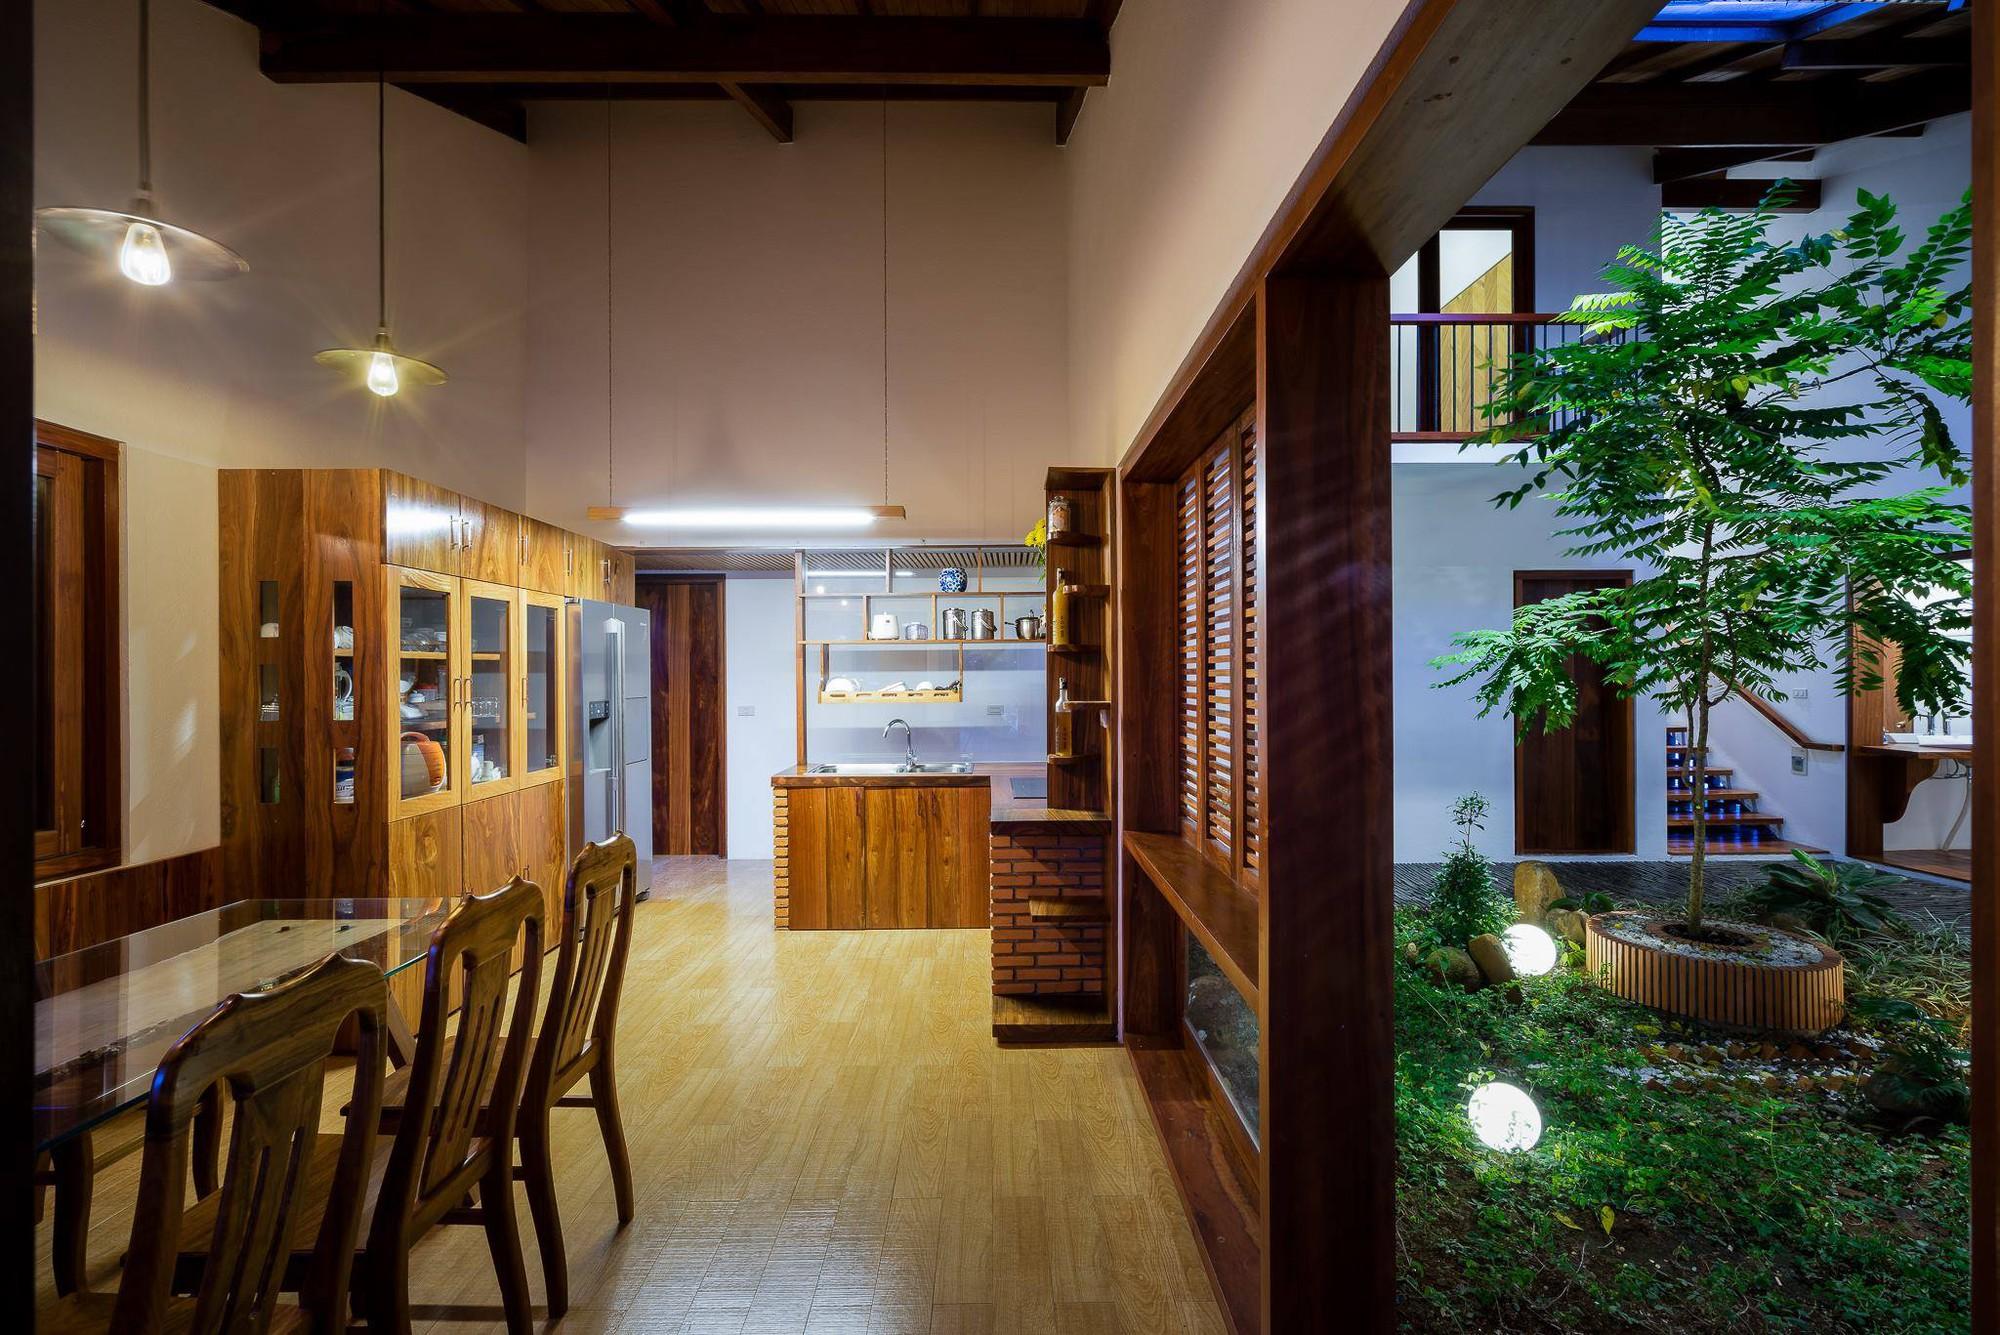 nha-dep-10-15317087448711003821887 Ngôi nhà mái ngói cấp 4 đẹp như resort khiến nhiều người ước mơ ở Lâm Đồng